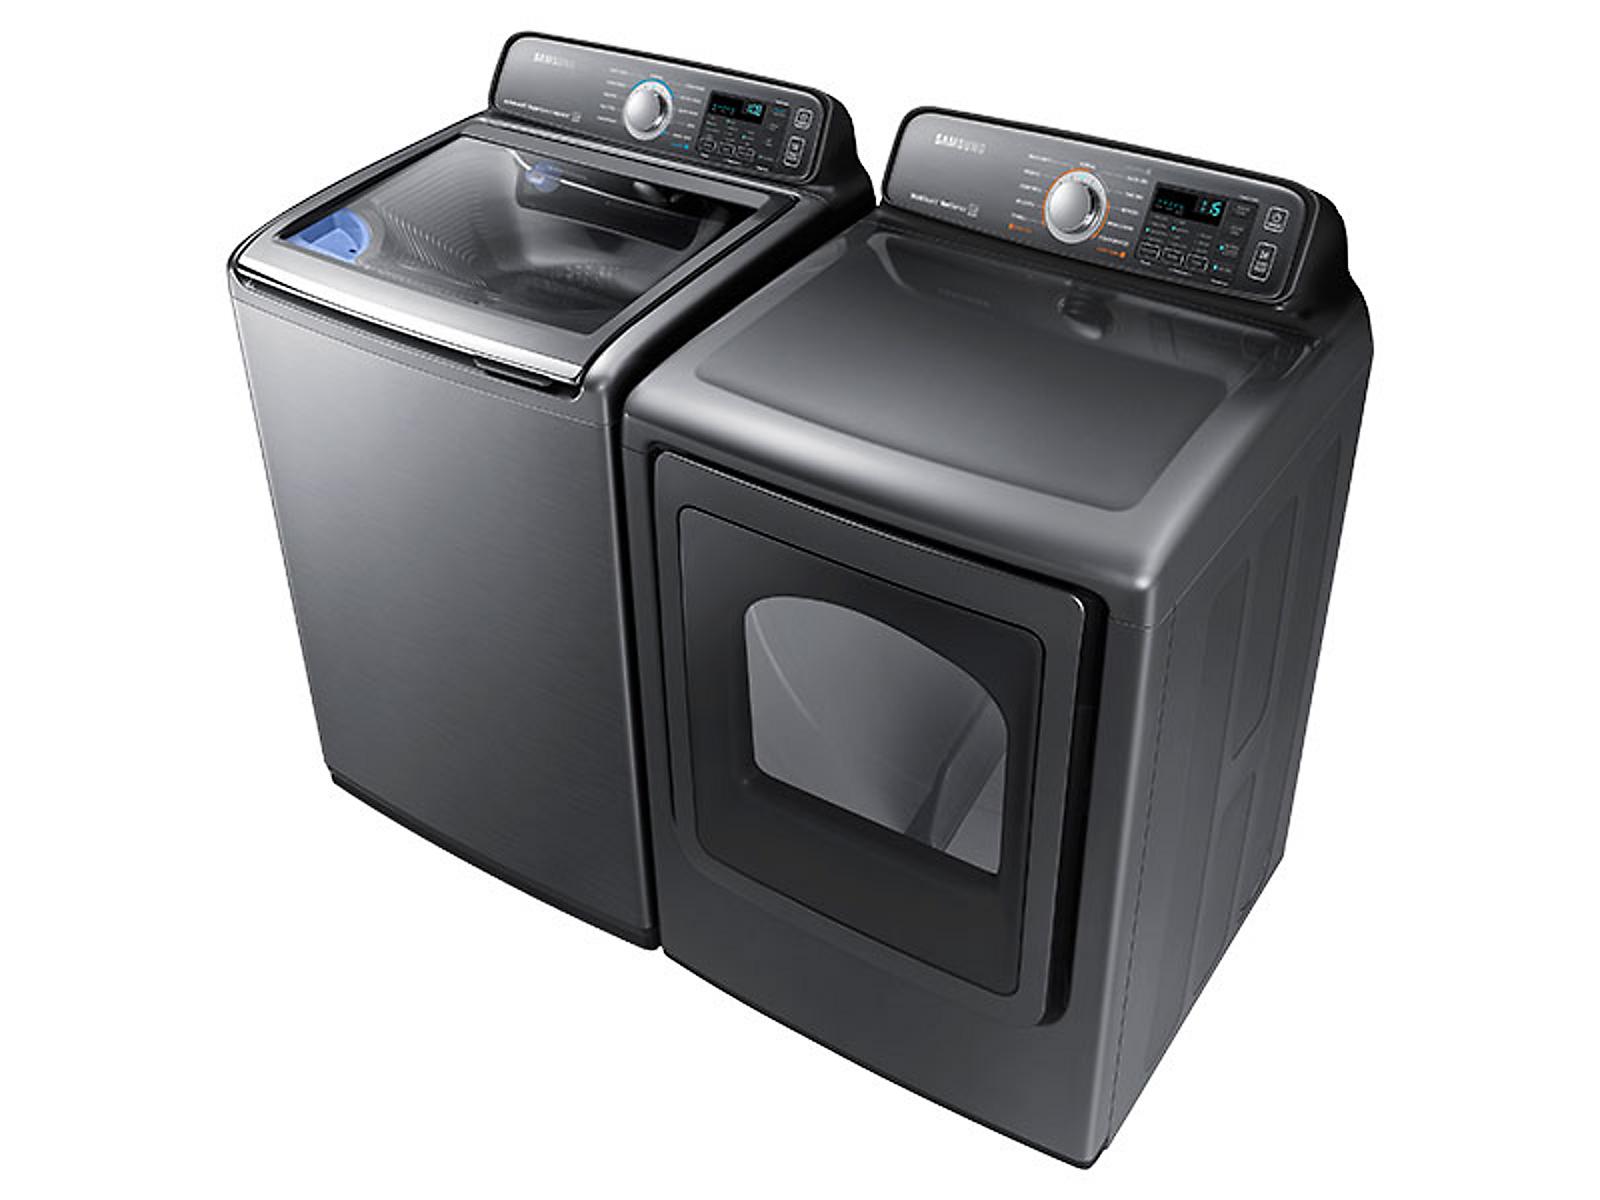 Nach explodierenden note 7: jetzt auch samsungs waschmaschinen